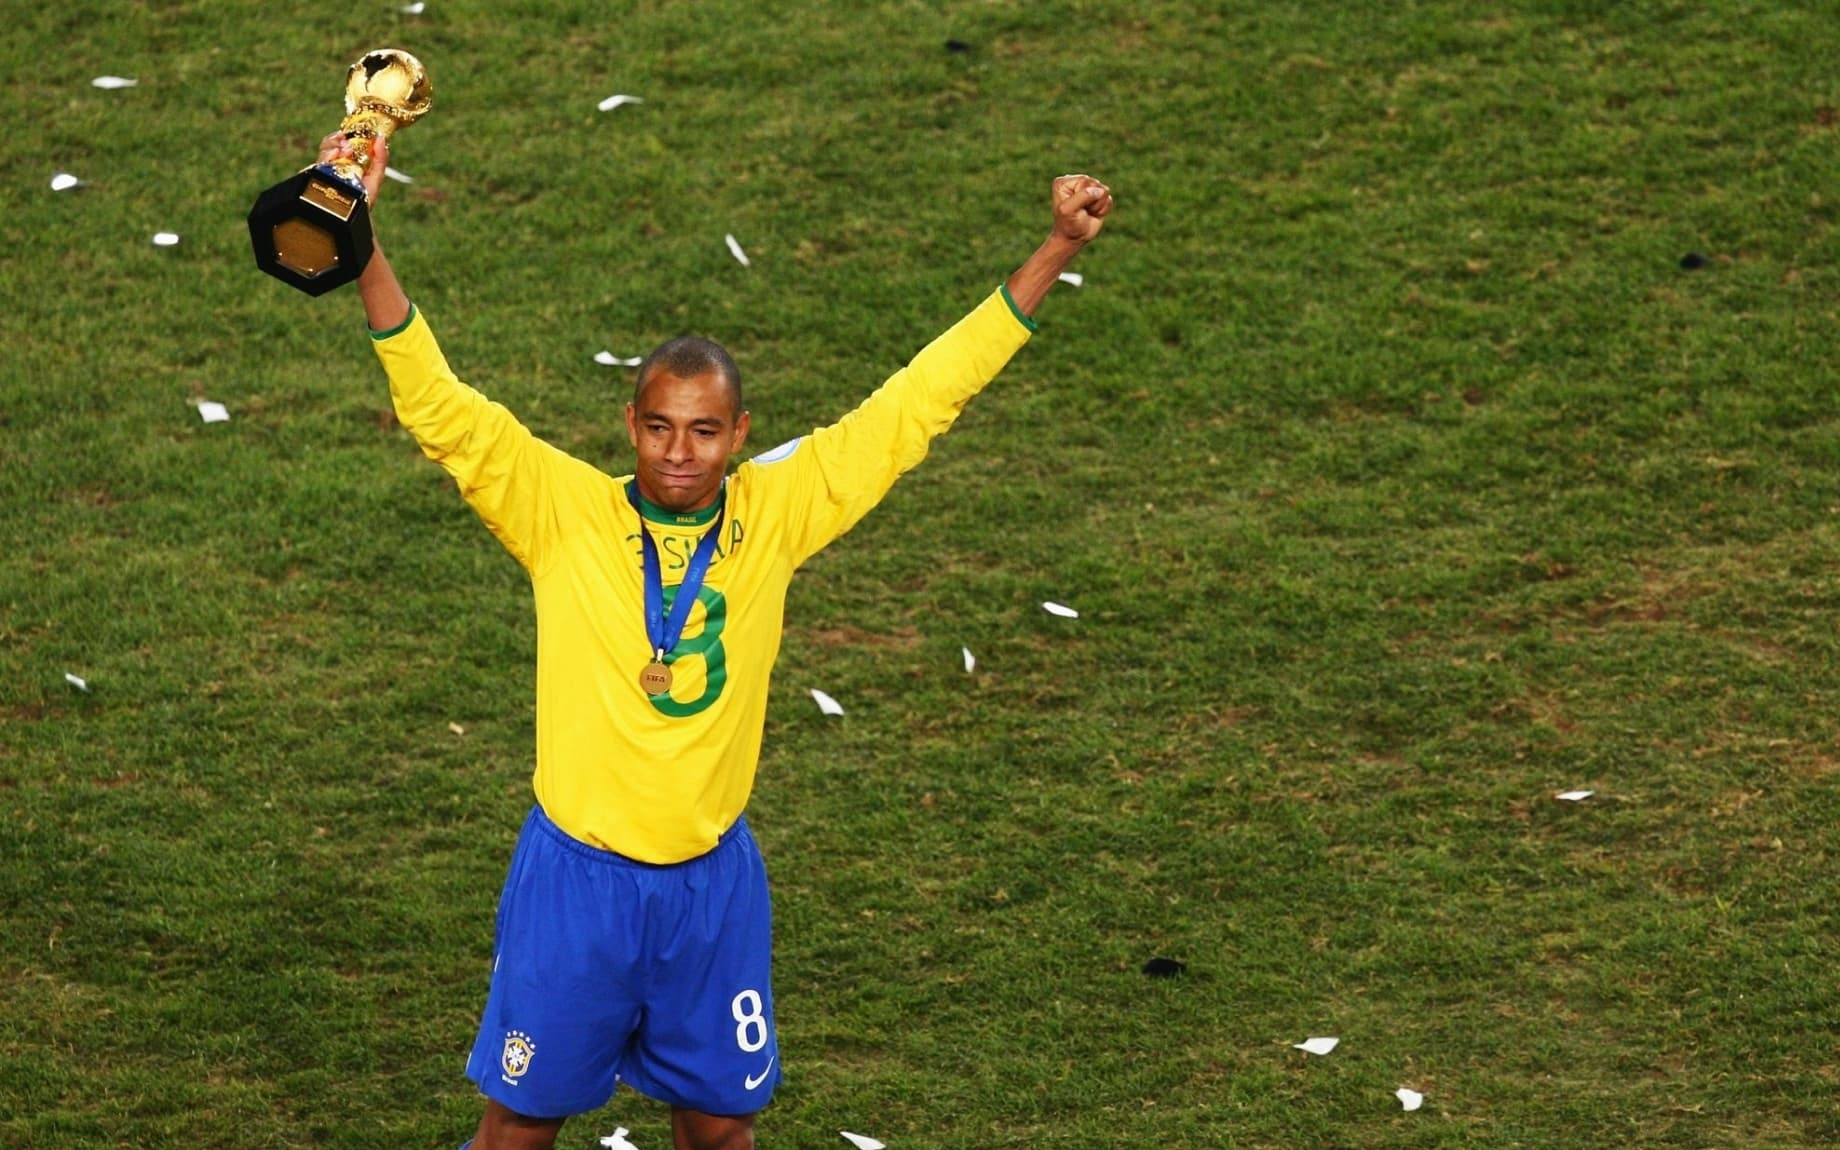 World Cup không bao giờ thoát khỏi tay người châu Âu? - ảnh 3